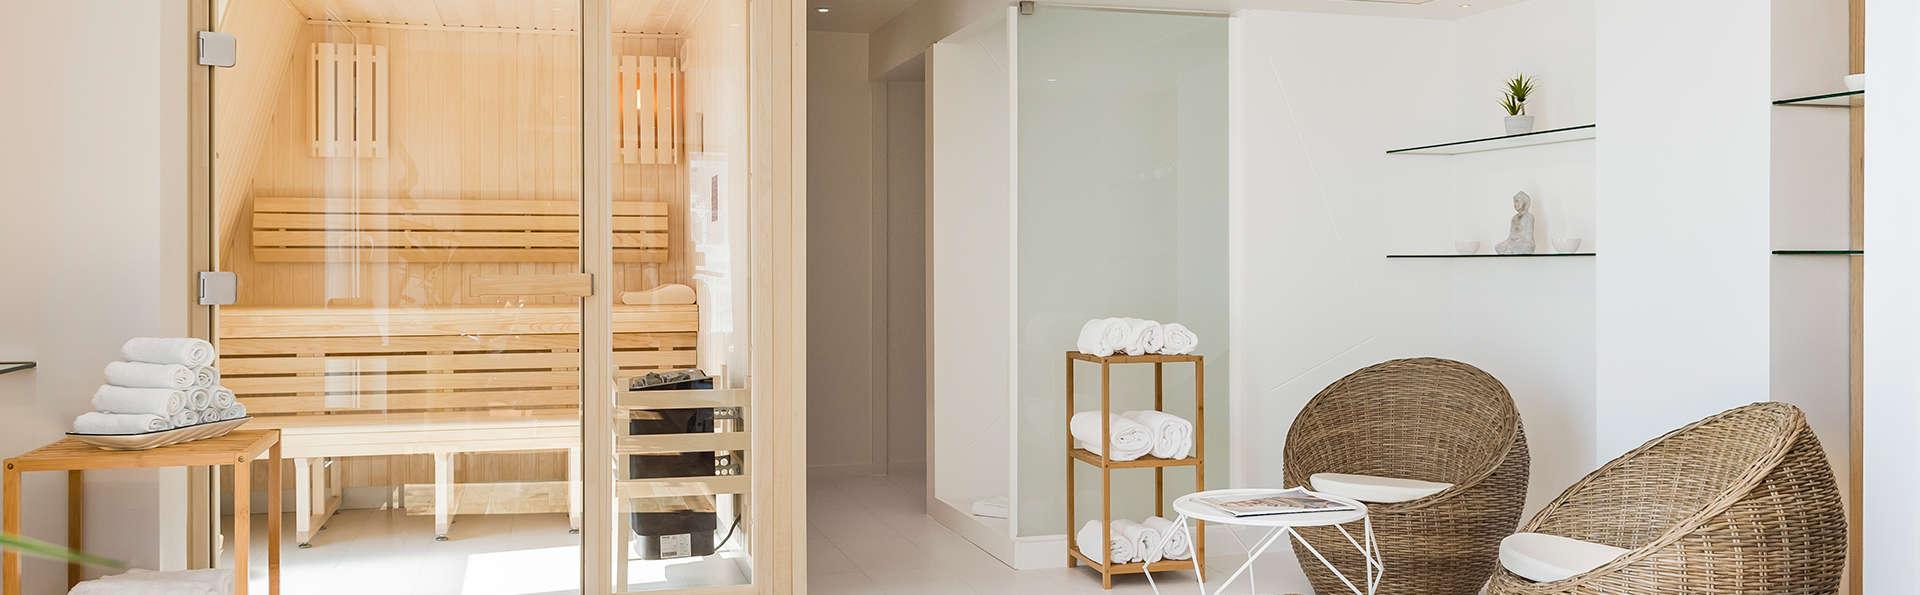 Escapade dans un hôtel design au cœur de Bordeaux